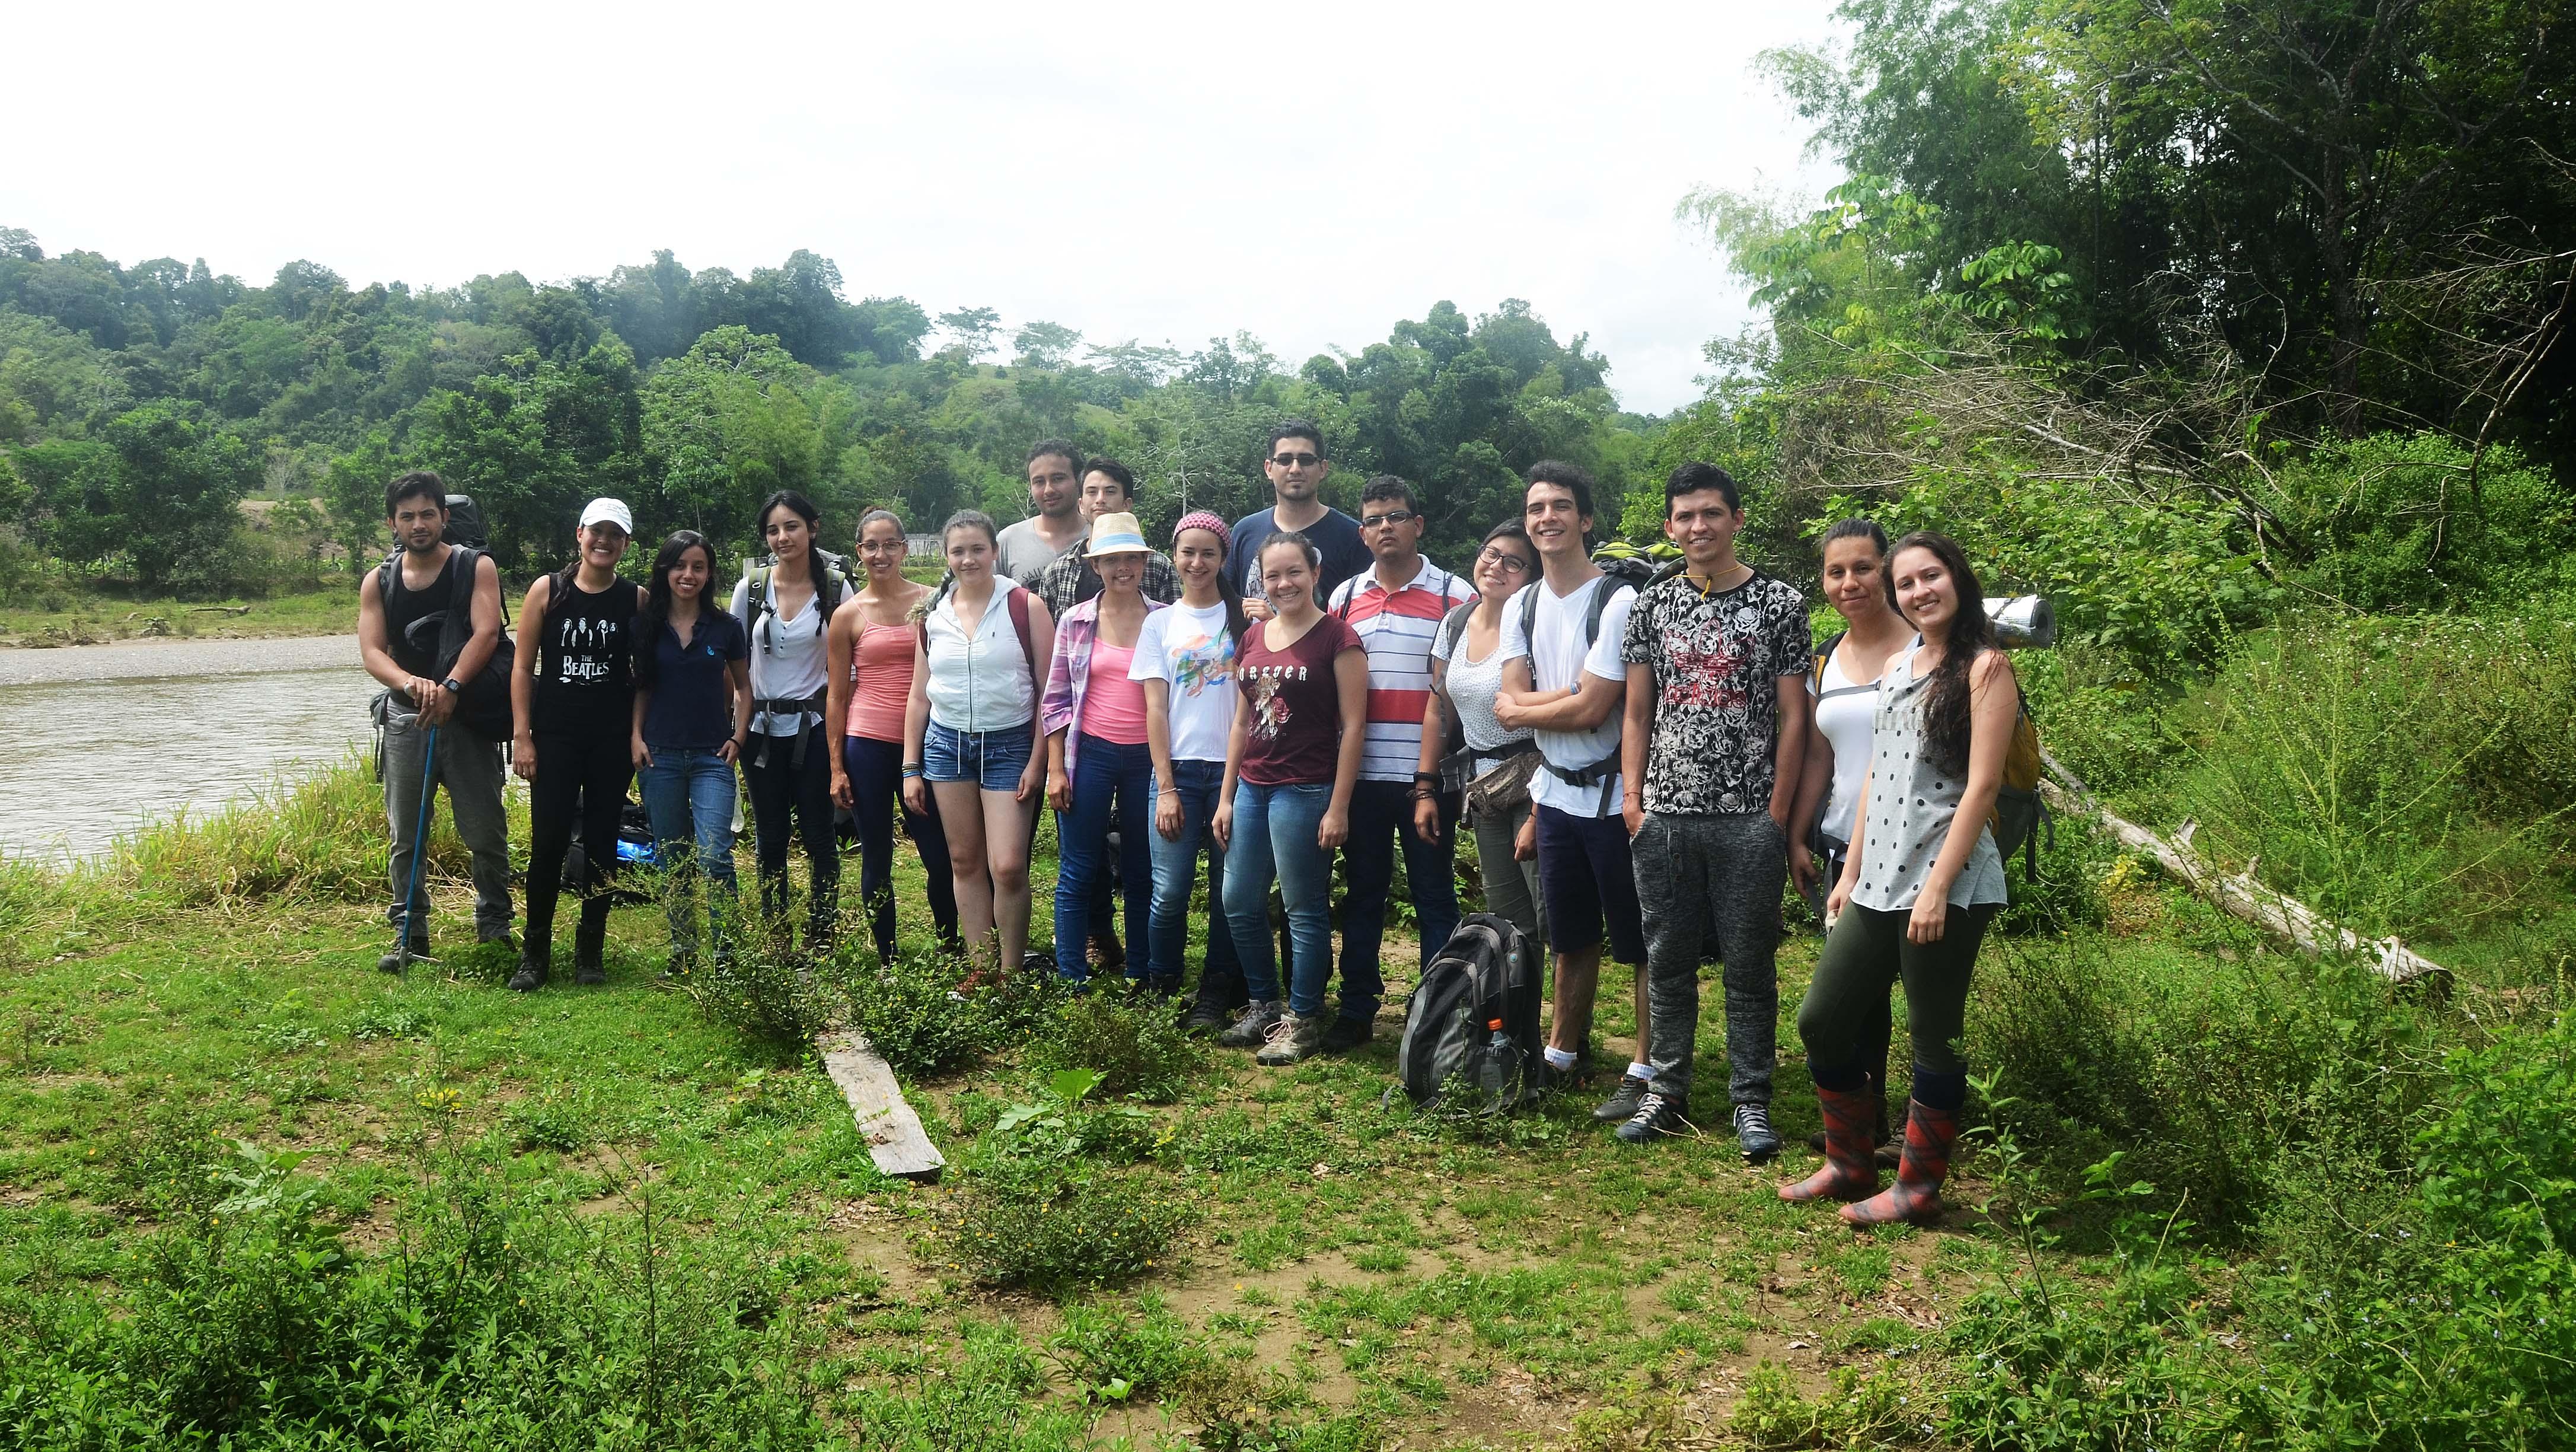 2017 Herpetología Rio Manso